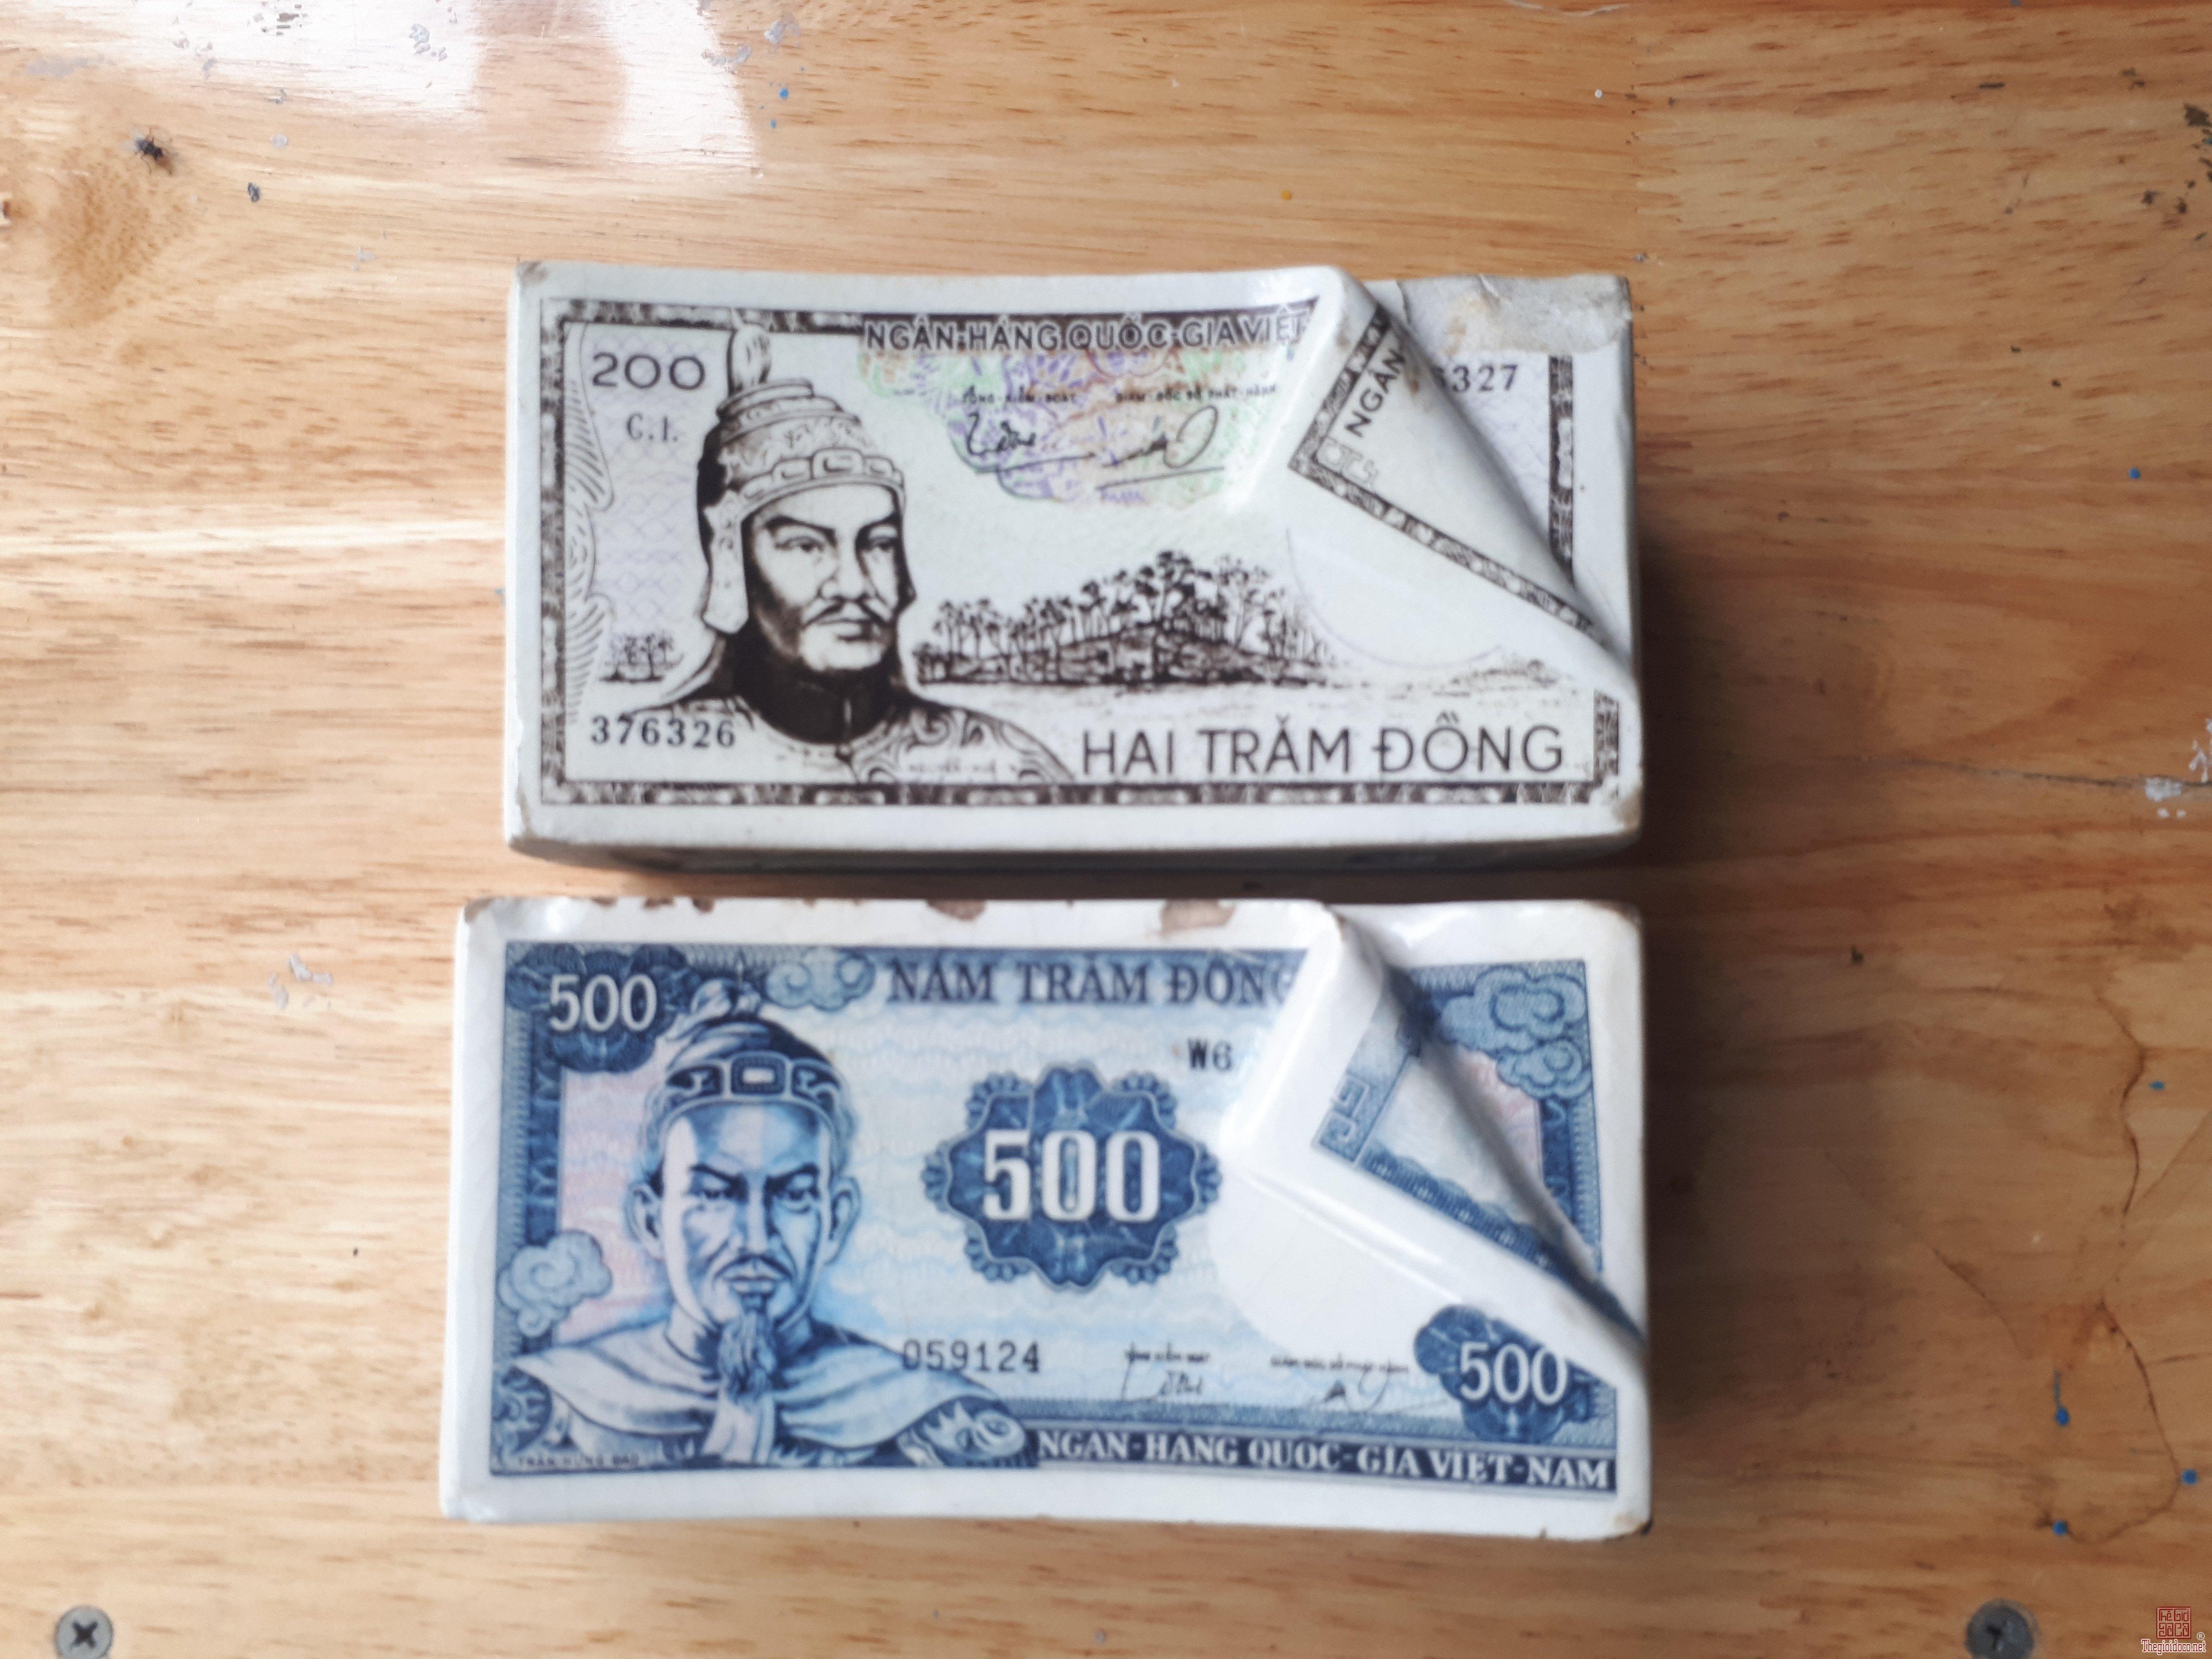 cặp gạt xưa số đẹp (9.999.999 đ) rất hiếm